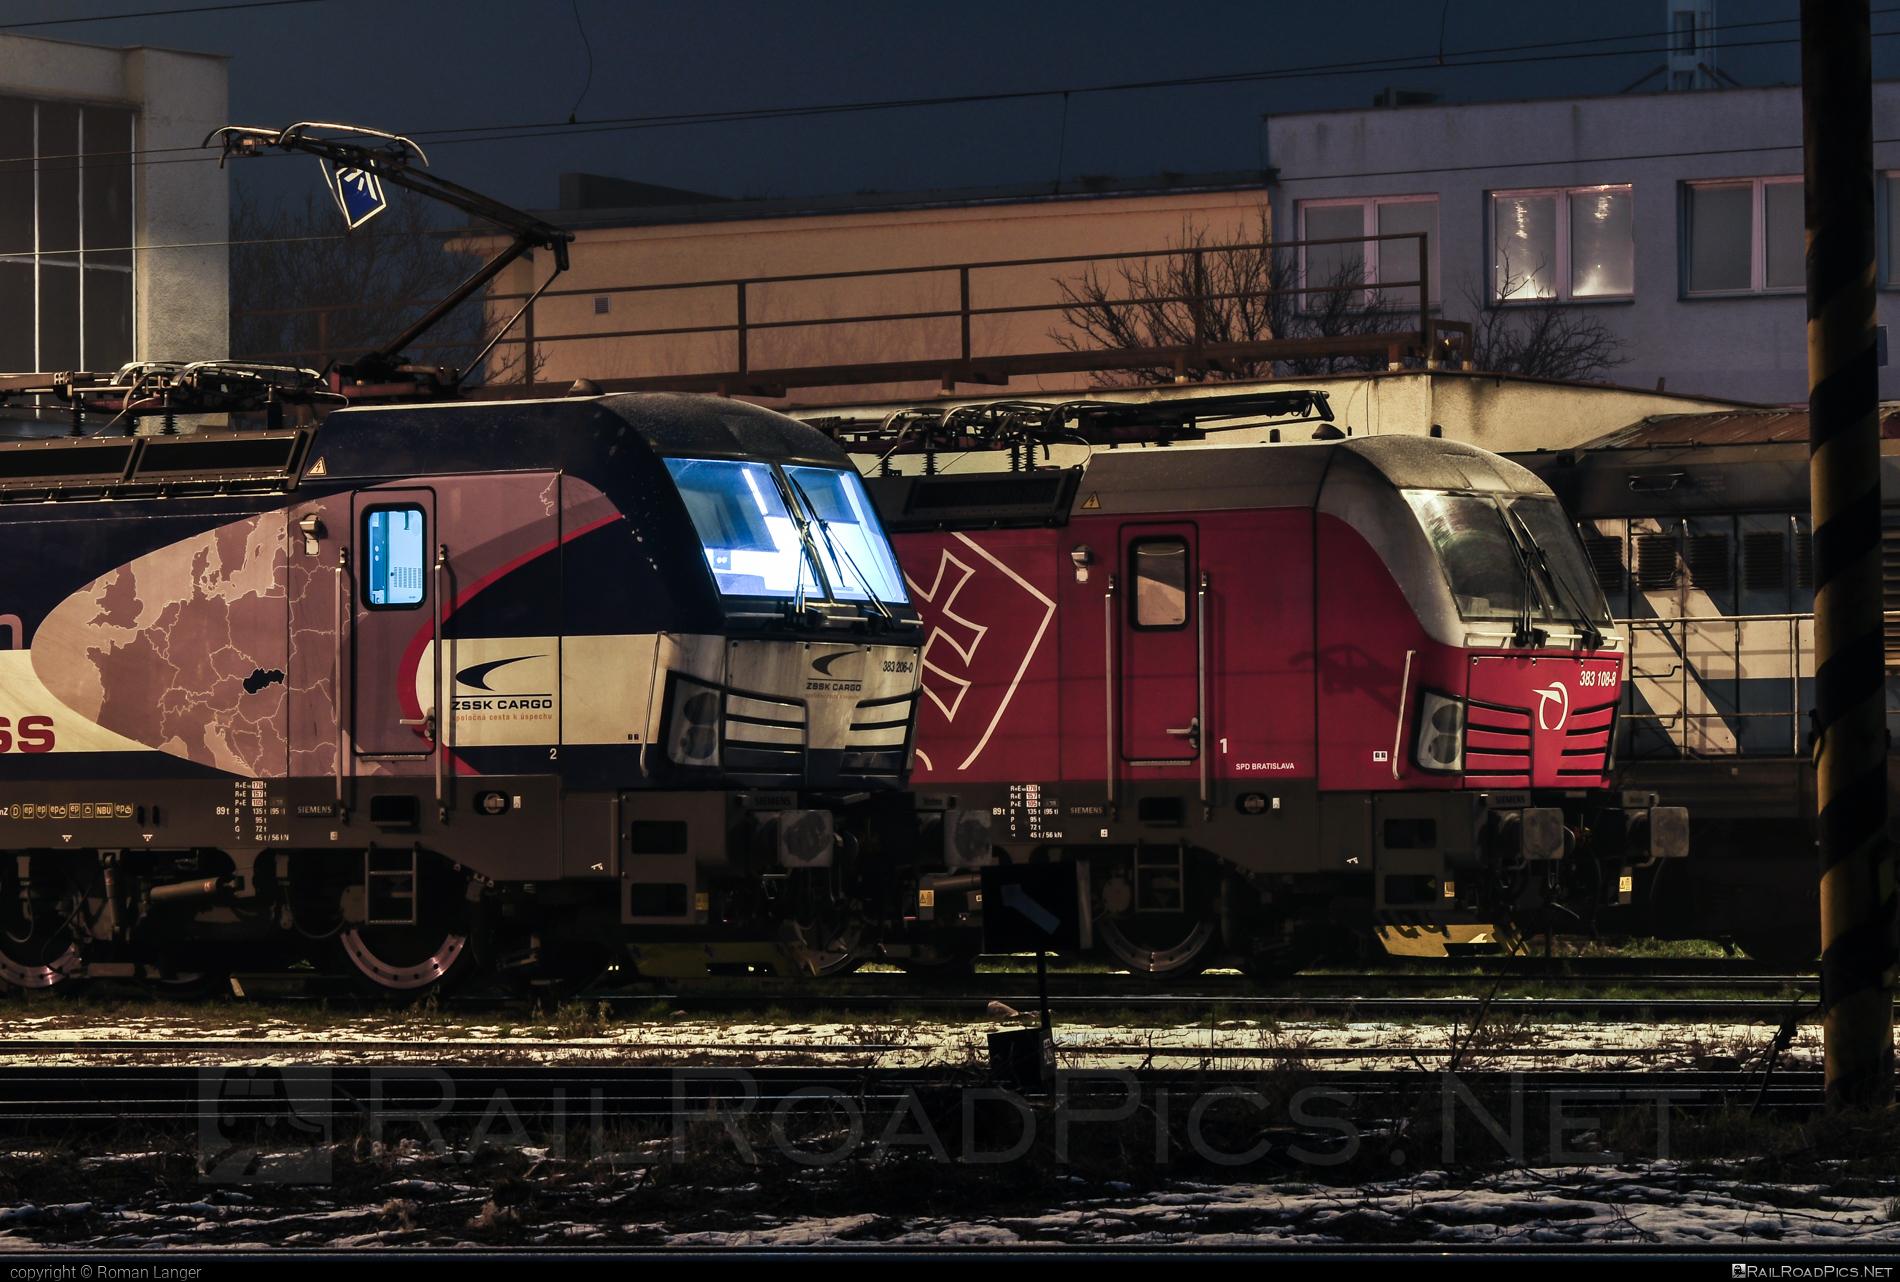 Siemens Vectron MS - 383 206-0 operated by Železničná Spoločnost' Cargo Slovakia a.s. #RollingStockLease #RollingStockLeaseSro #ZeleznicnaSpolocnostCargoSlovakia #raill #siemens #siemensvectron #siemensvectronms #vectron #vectronms #zsskcargo